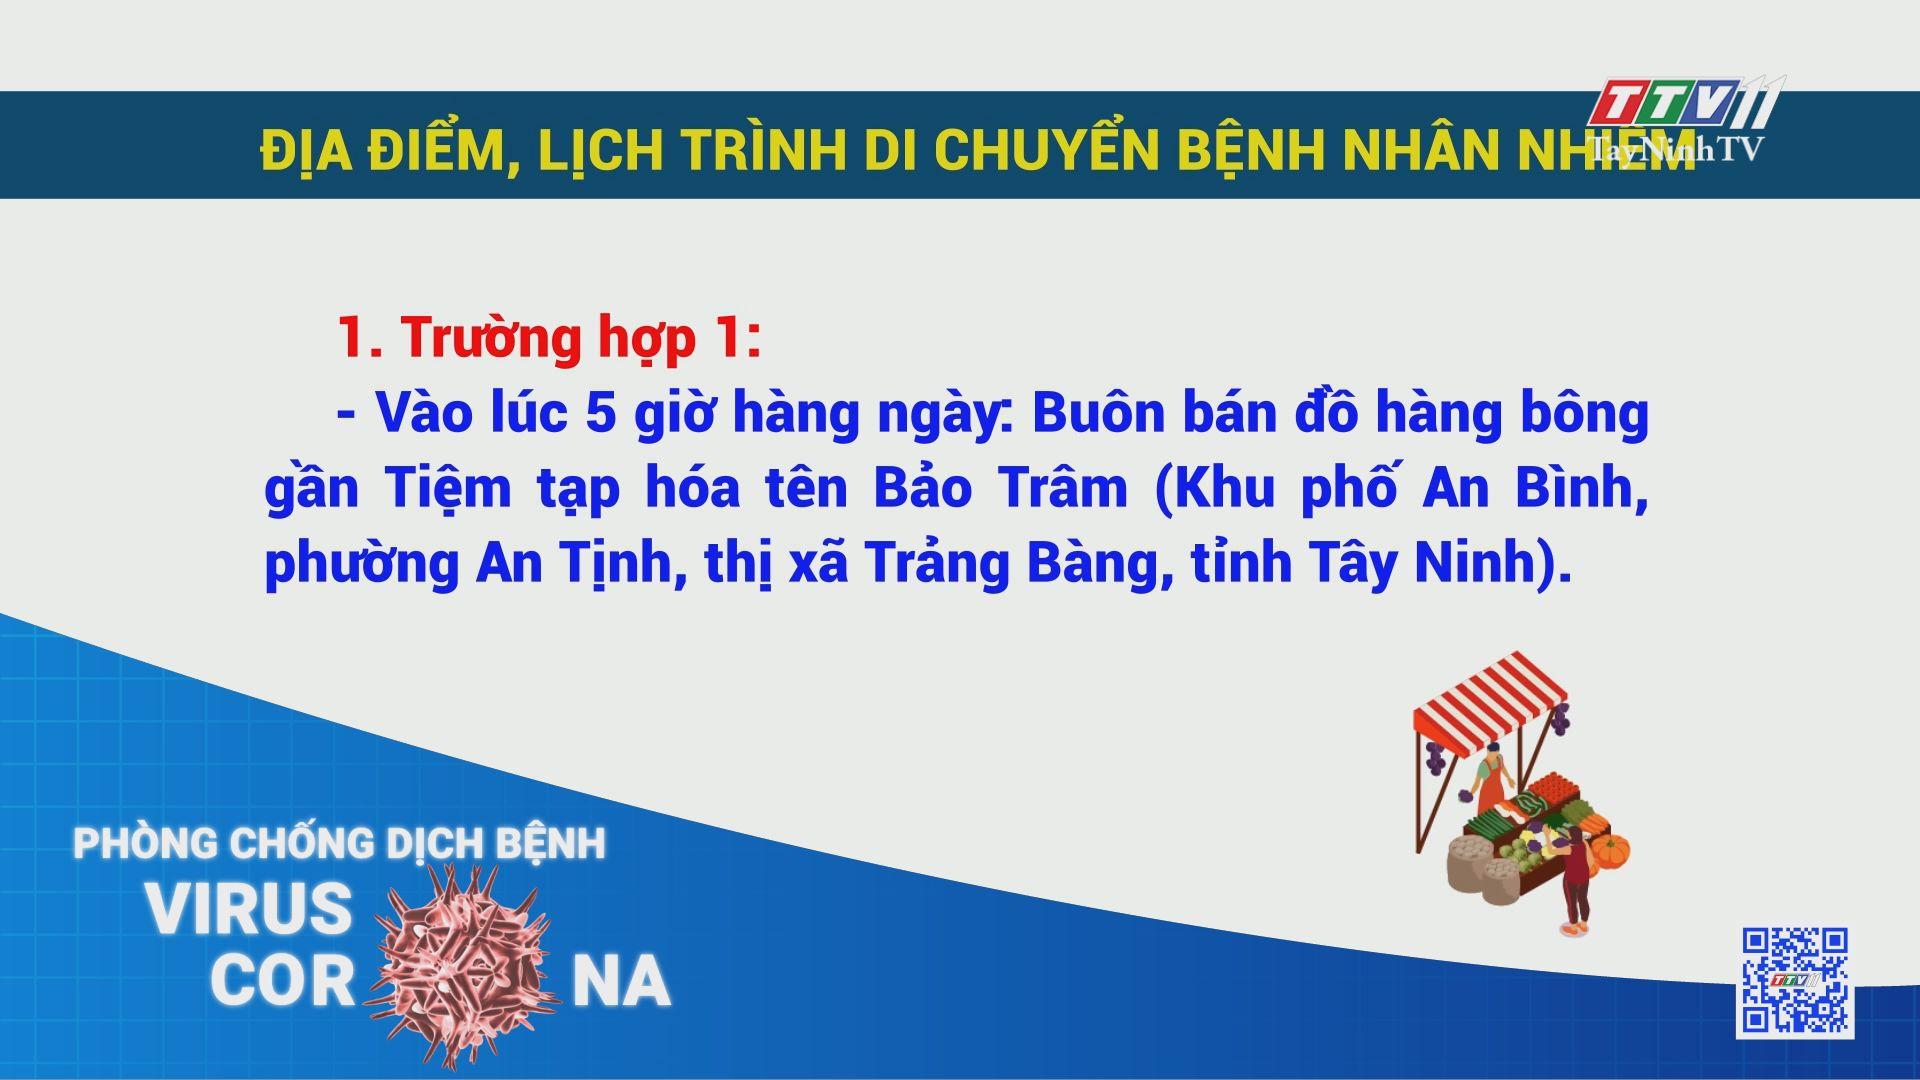 Thông báo khẩn rà soát người tại các khu vực | THÔNG TIN DỊCH COVID-19 | TayNinhTV